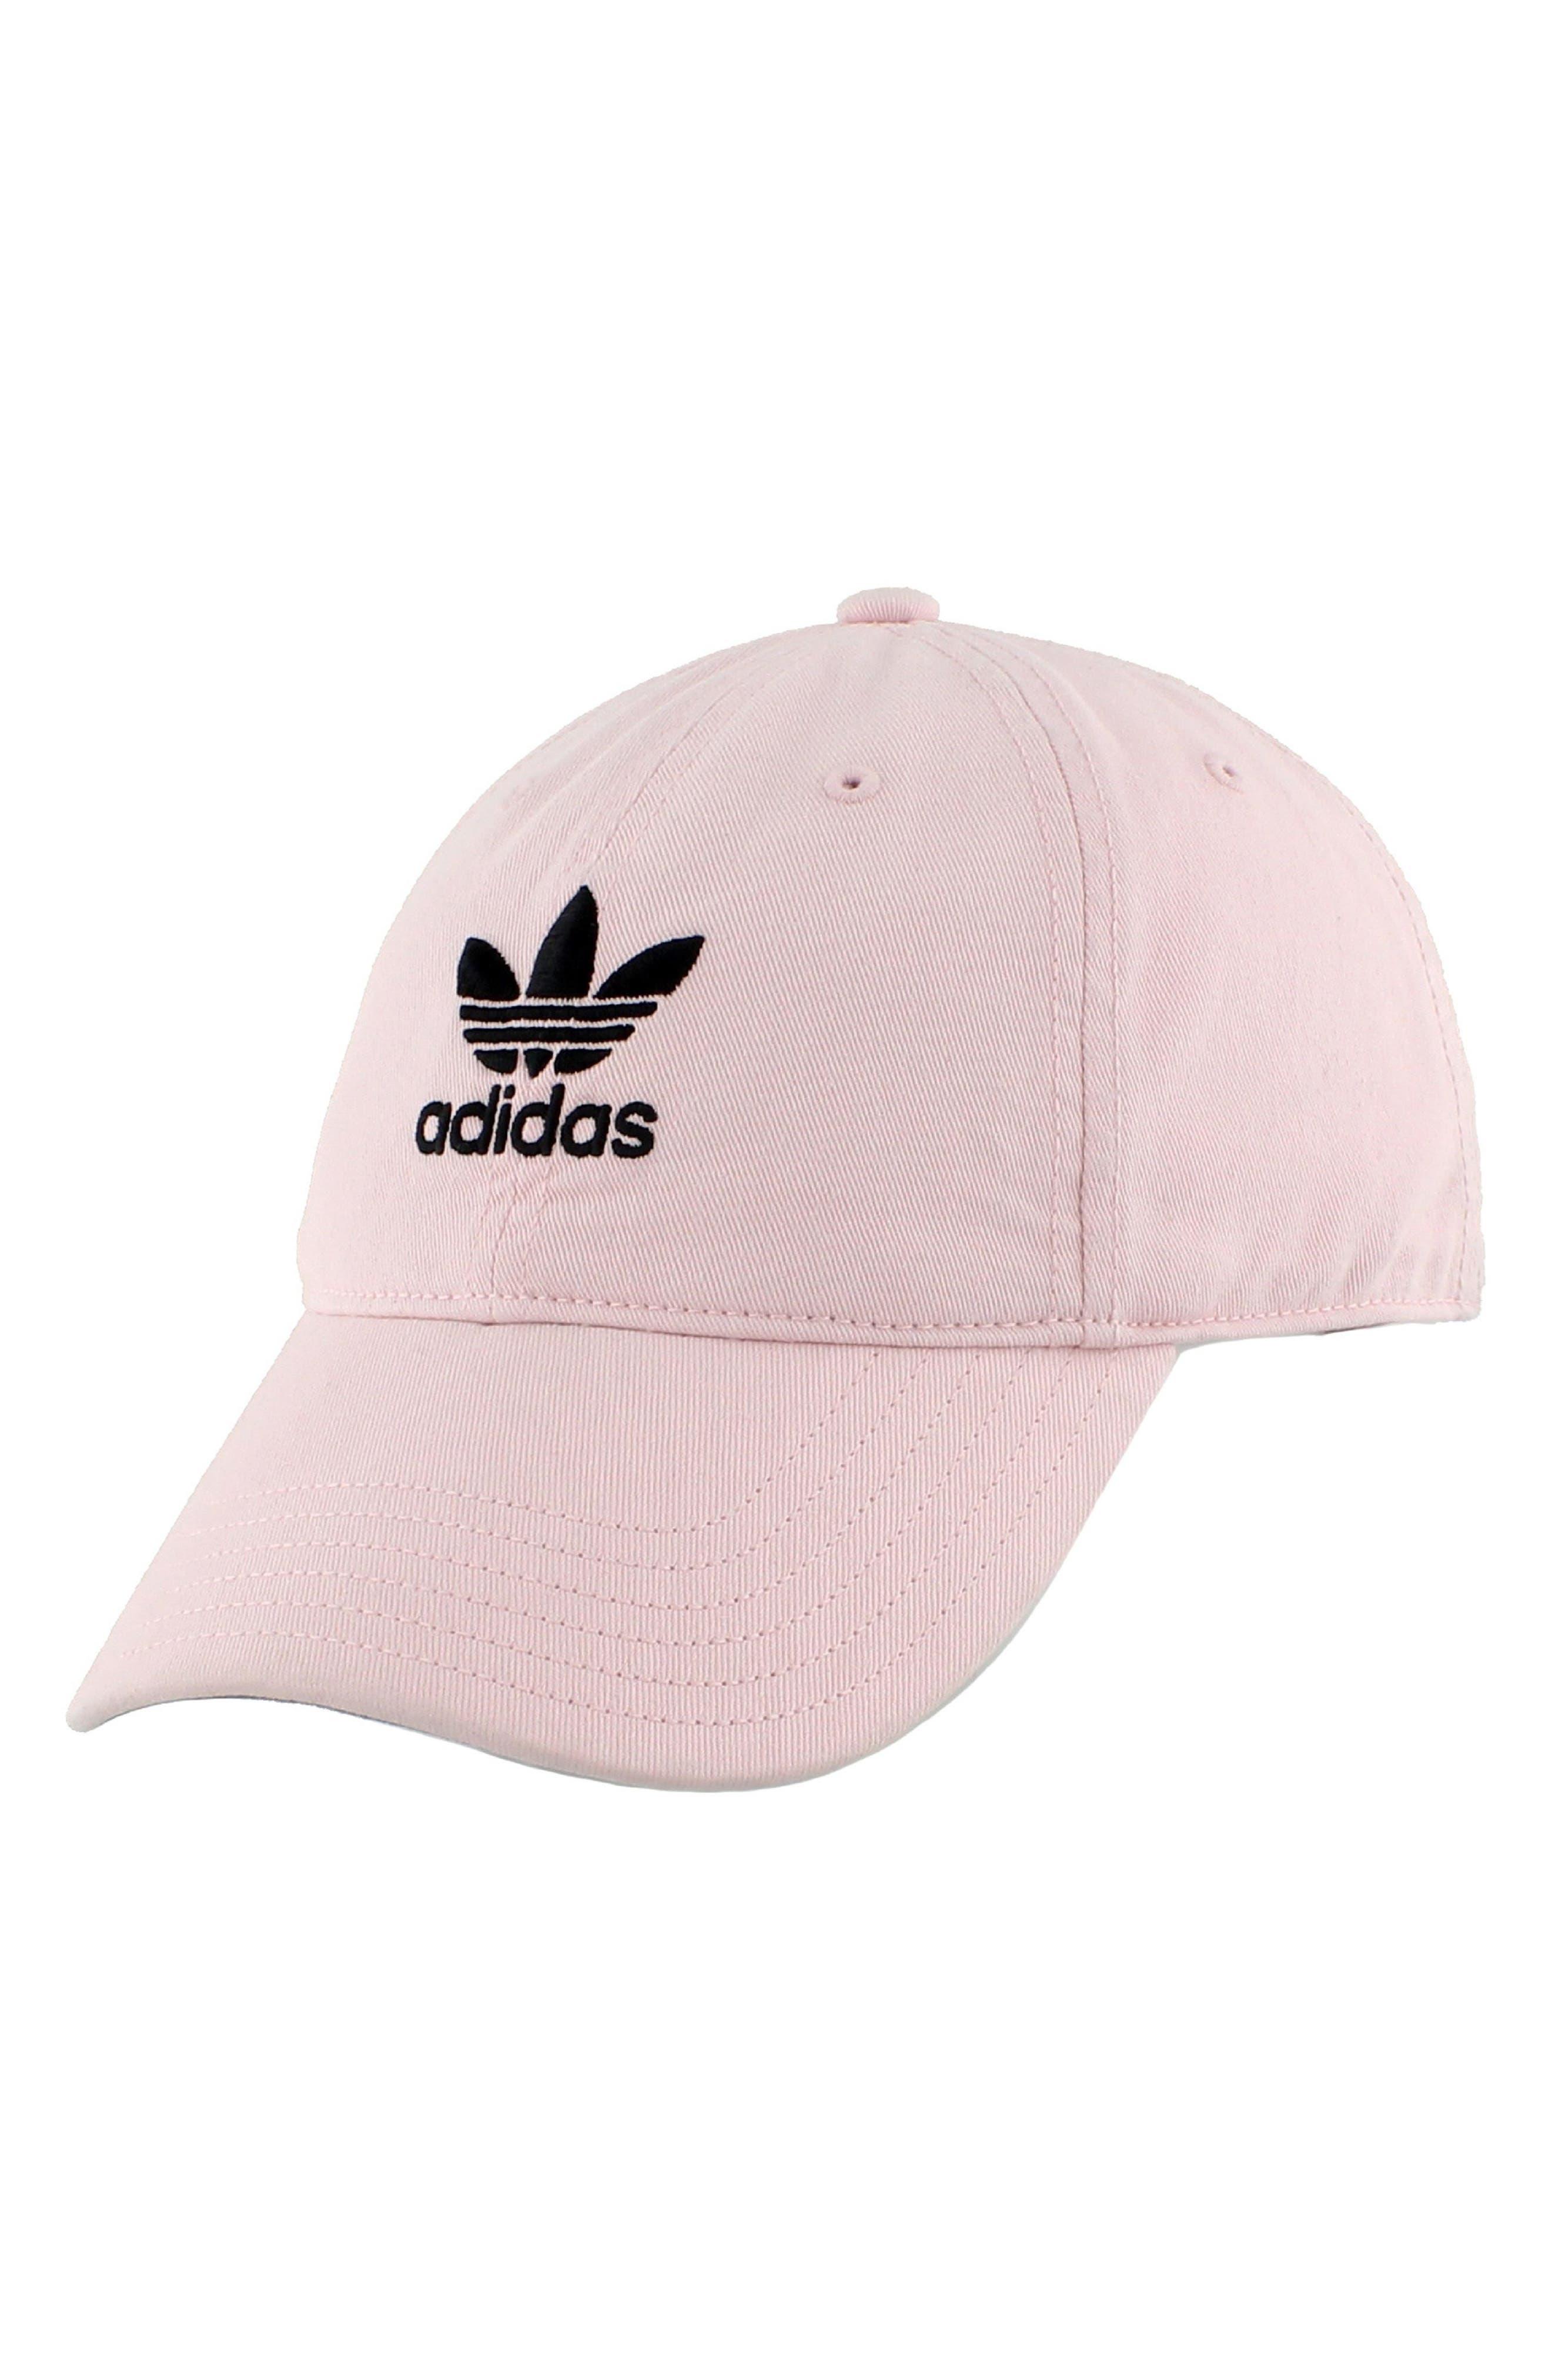 7e4c784a854 Adidas Originals Originals Precurved Washed Strapback Hat